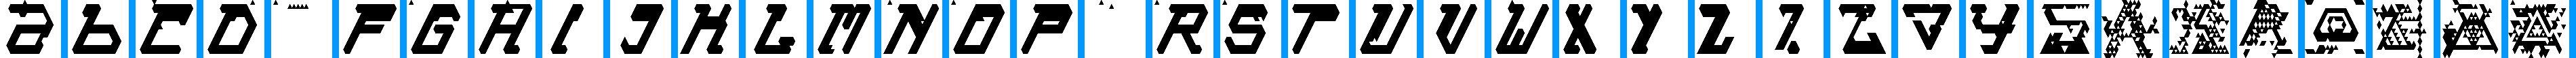 Particip-a-type v.228